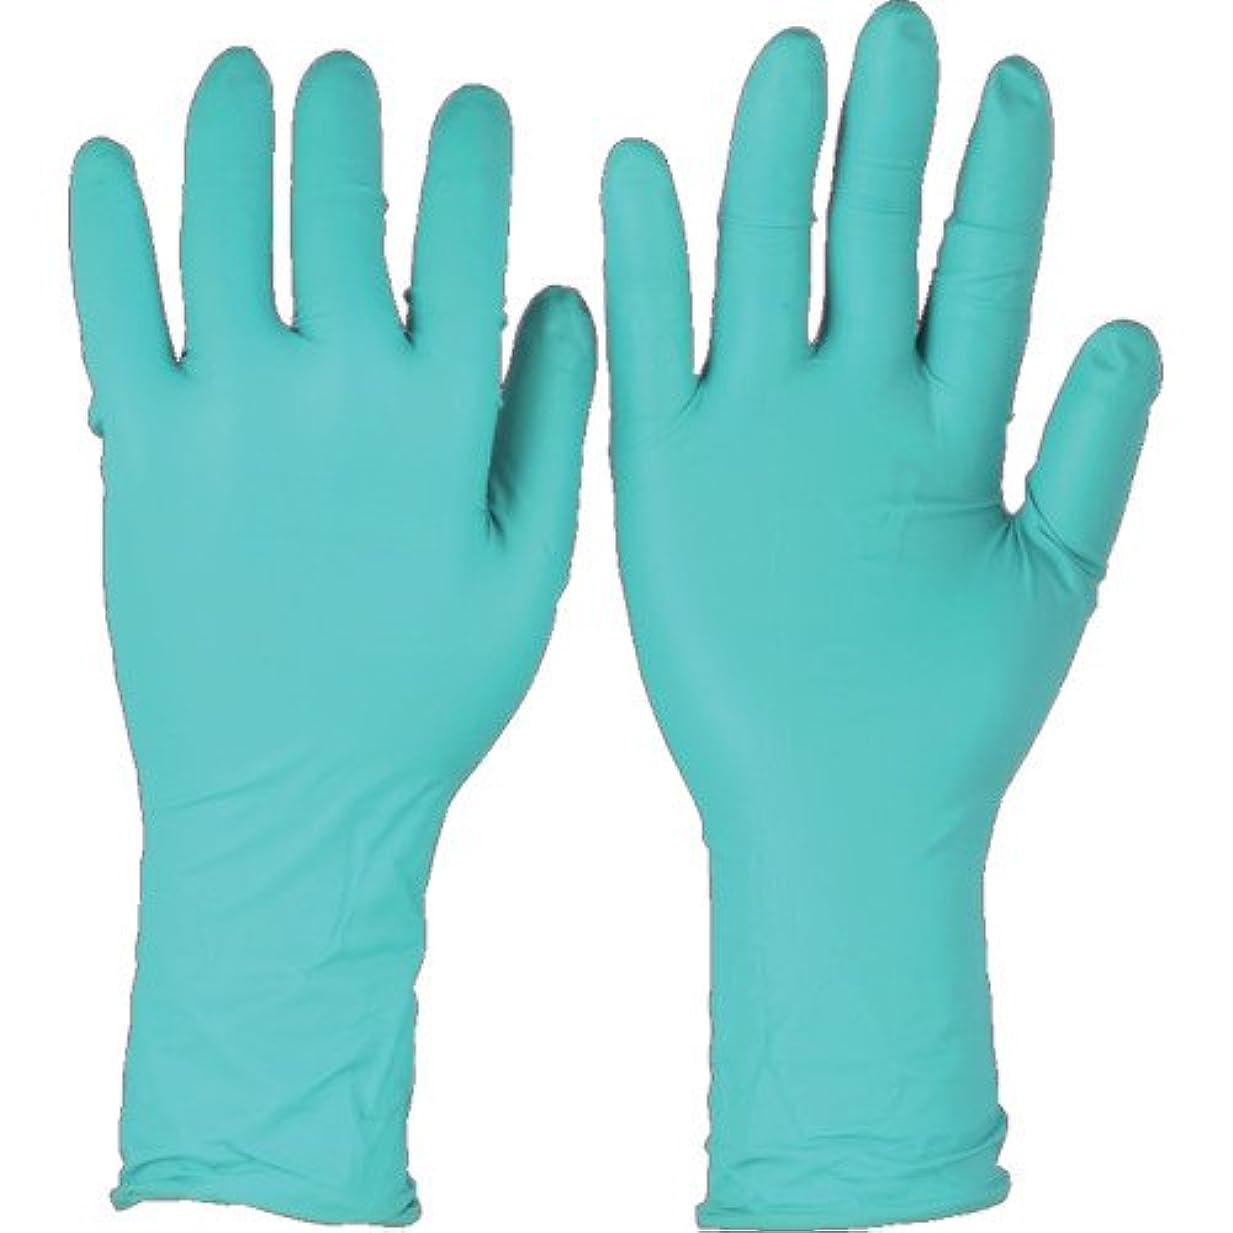 ログ安西机トラスコ中山 アンセル ネオプレンゴム使い捨て手袋 マイクロフレックス 93-260 XSサイズ (50枚入)  932606